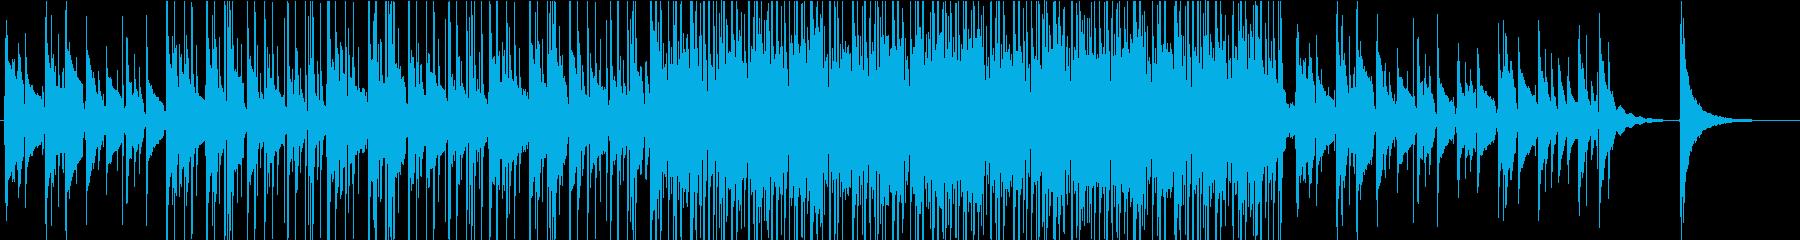 ピアノとギターの切ないセピア調BGMの再生済みの波形